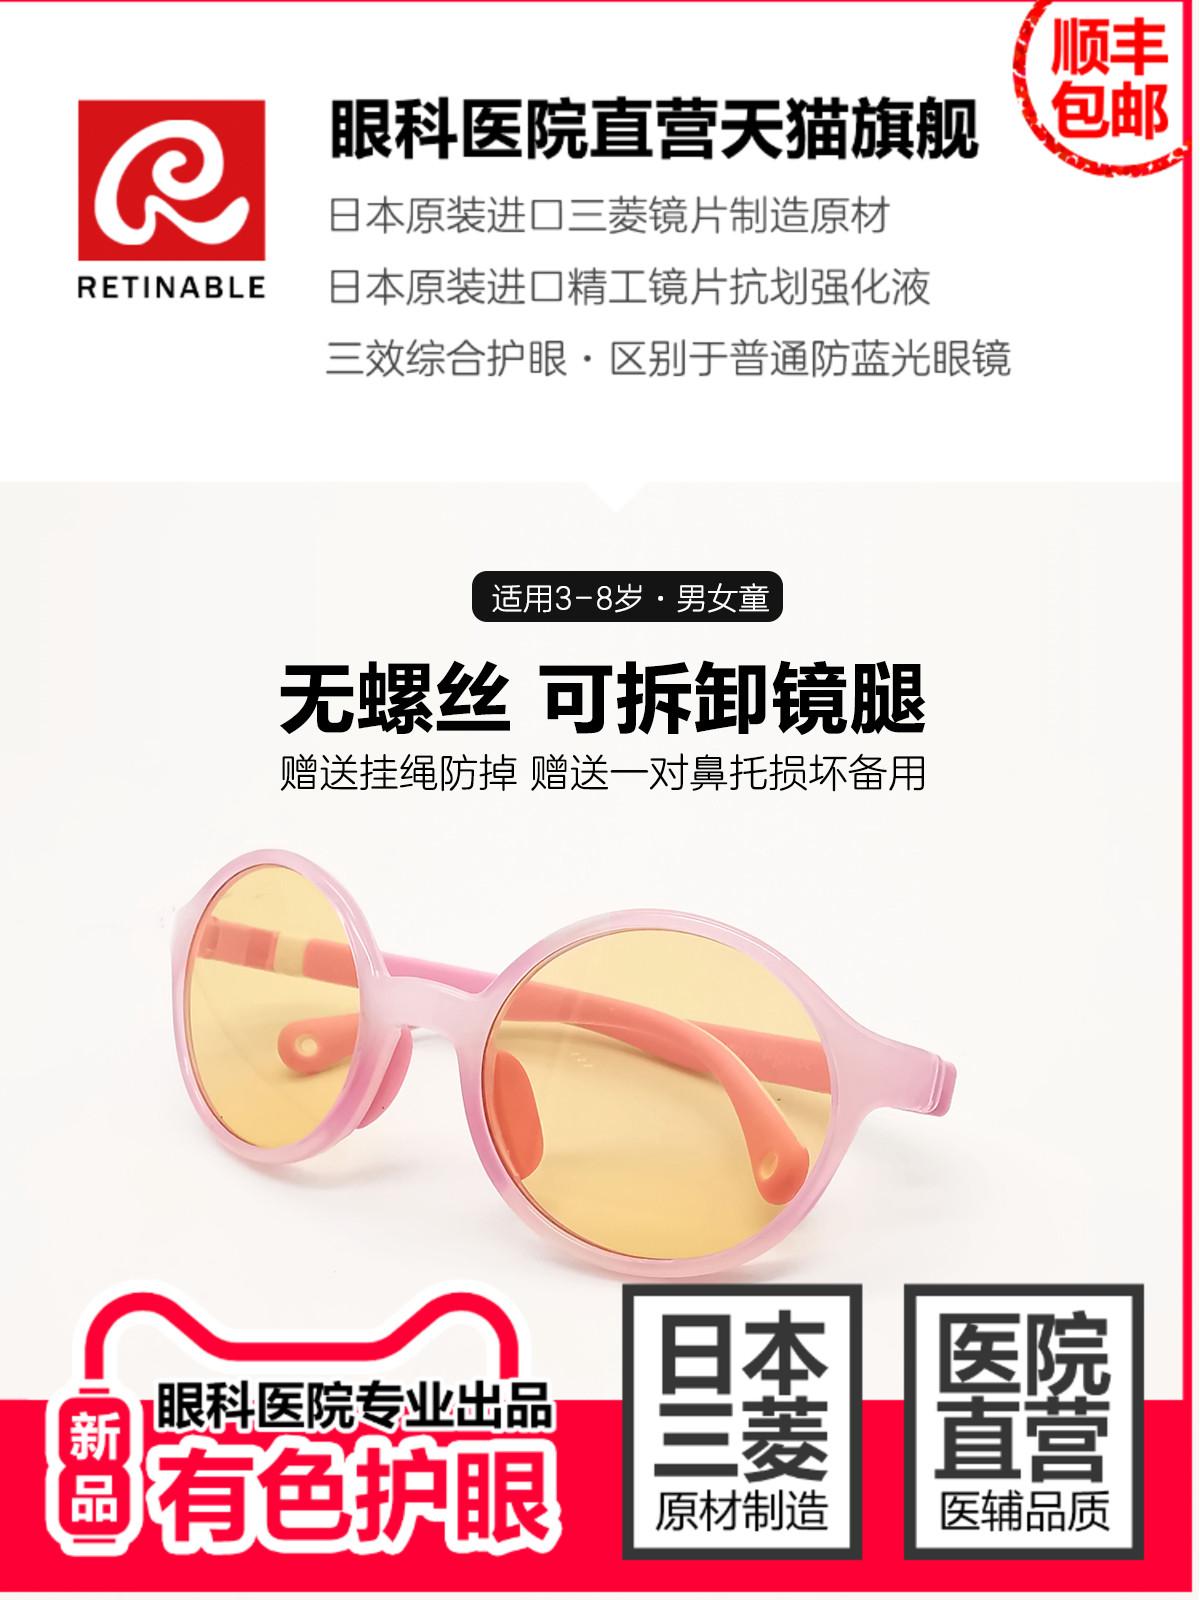 眼科医院直营 Ratinable 睿特保 全框儿童眼镜架+日本进口三菱防蓝光护眼镜片 天猫优惠券折后¥130包邮(¥145-15)6色可选